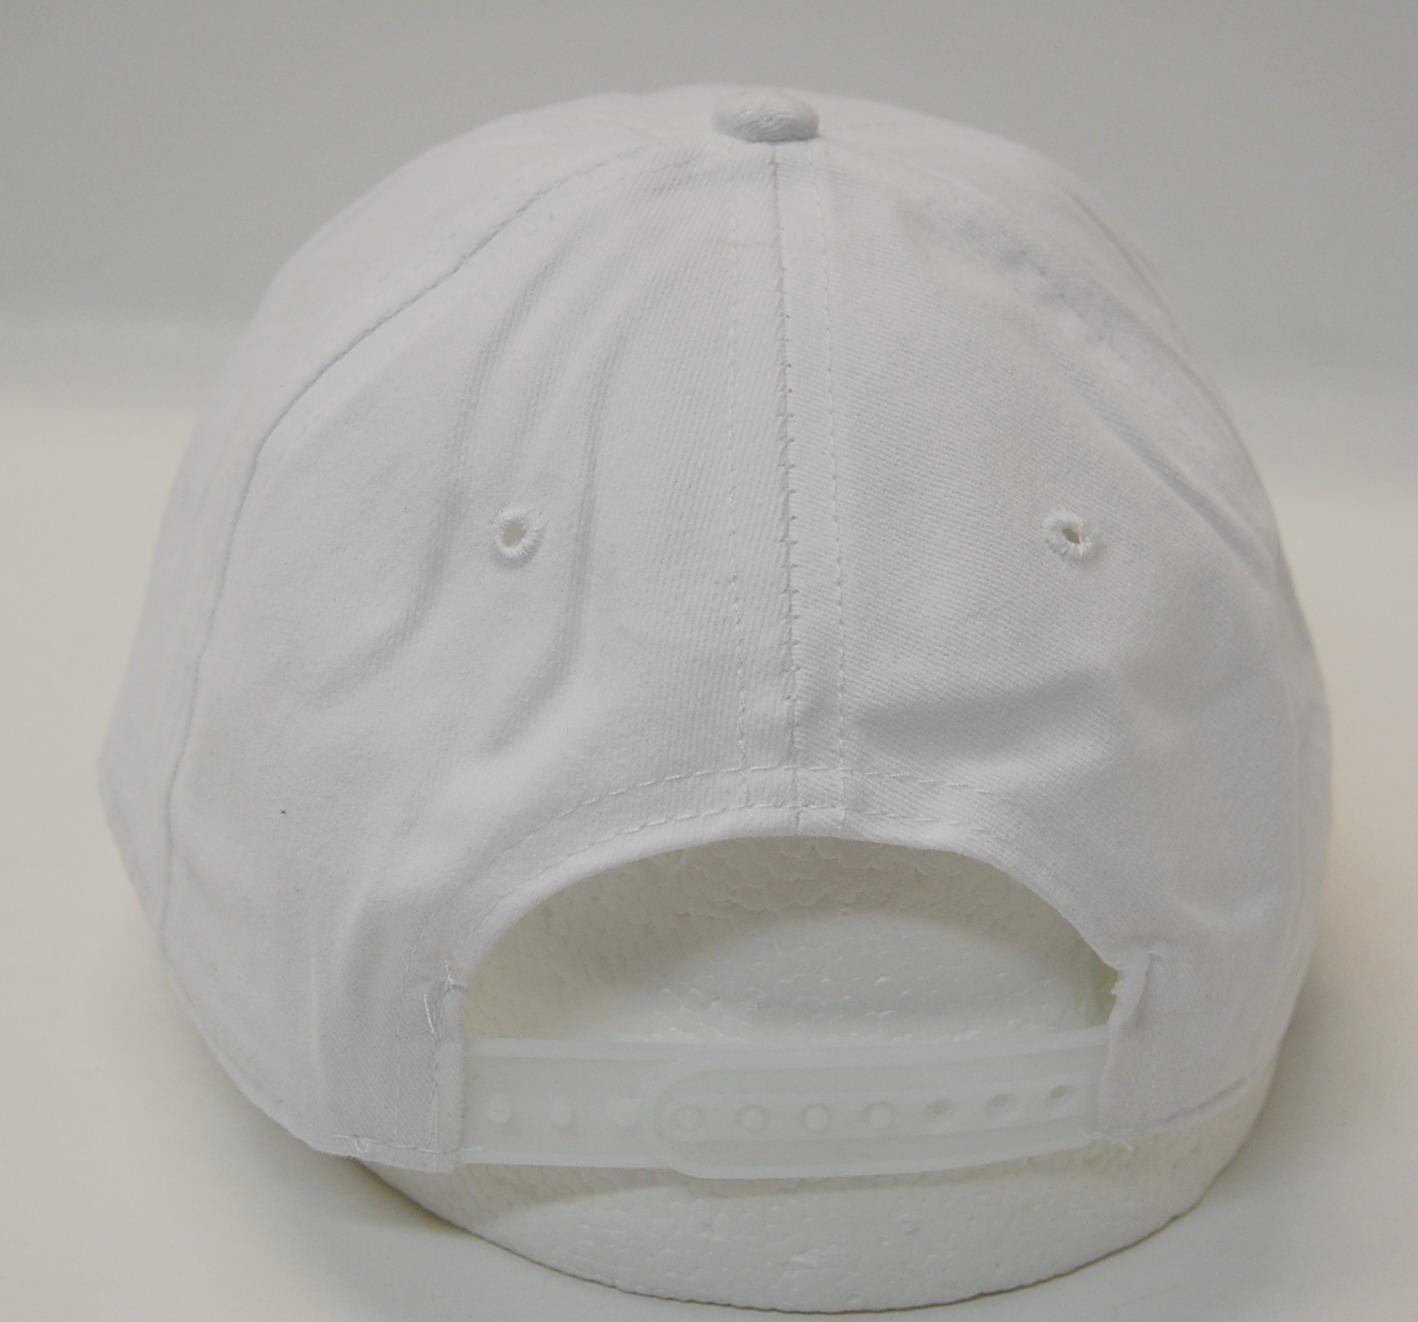 CT6455 - White (Back)